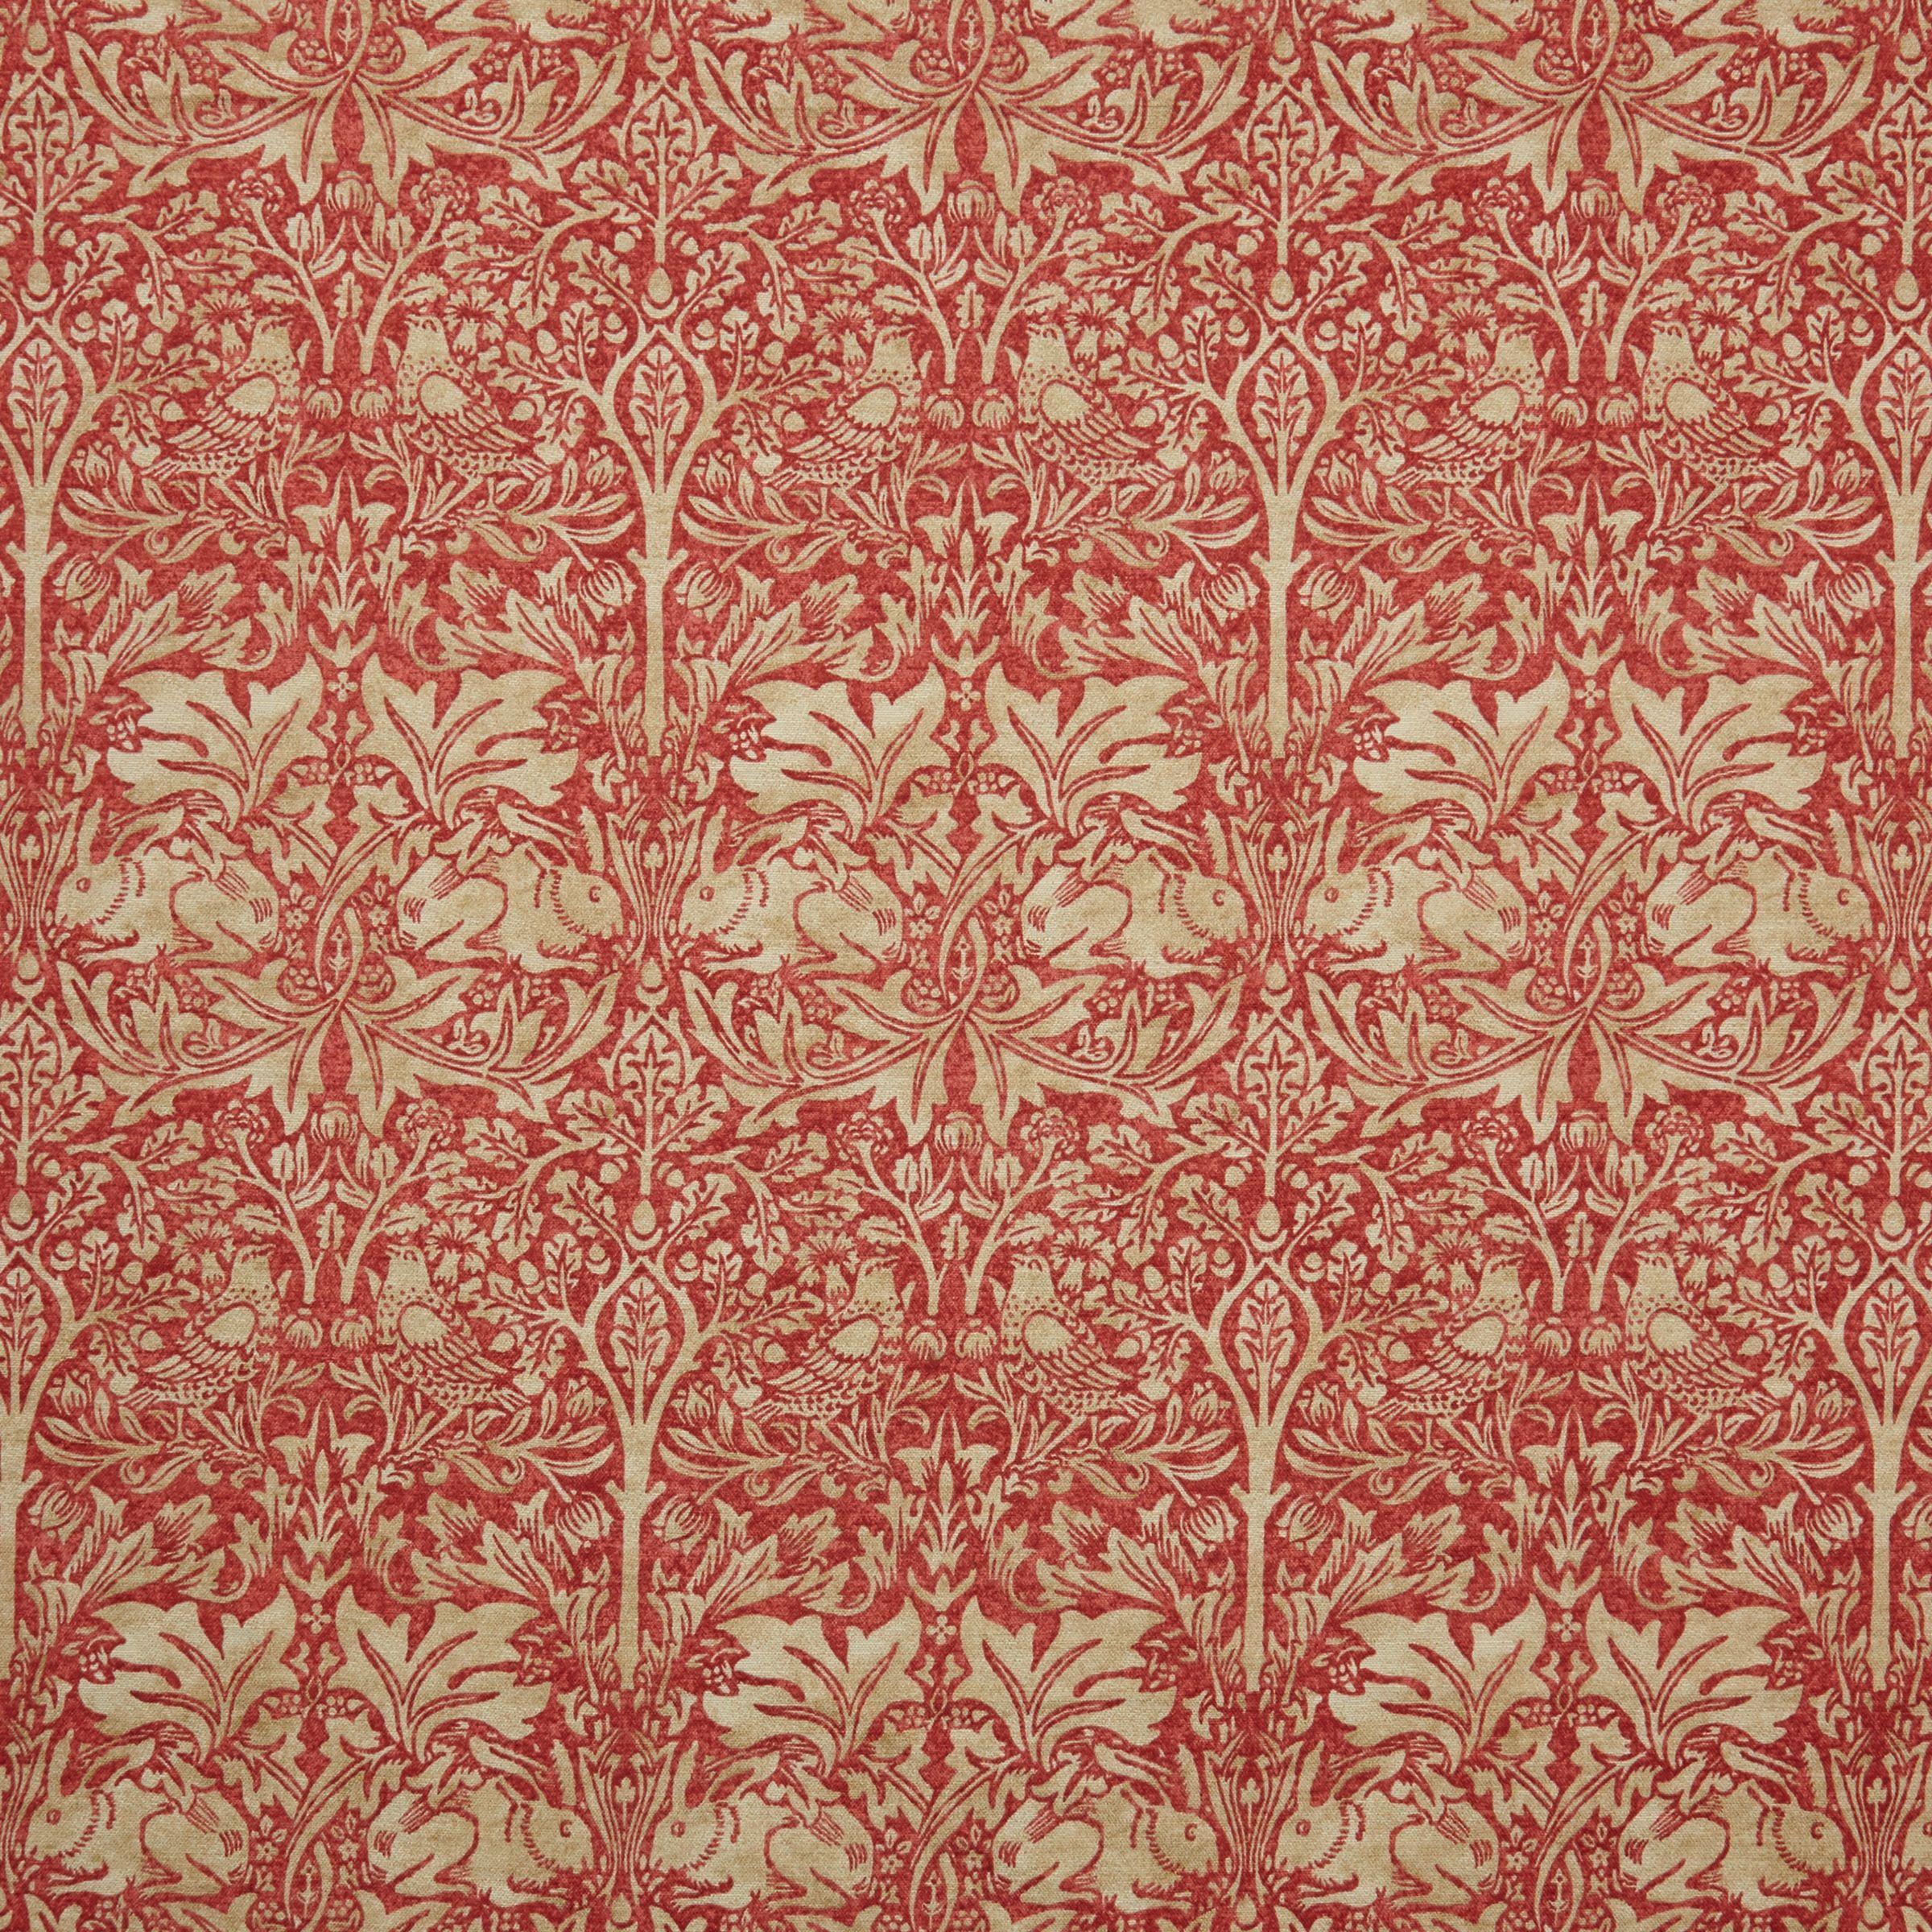 Morris & Co Morris & Co Brer Rabbit Fabric